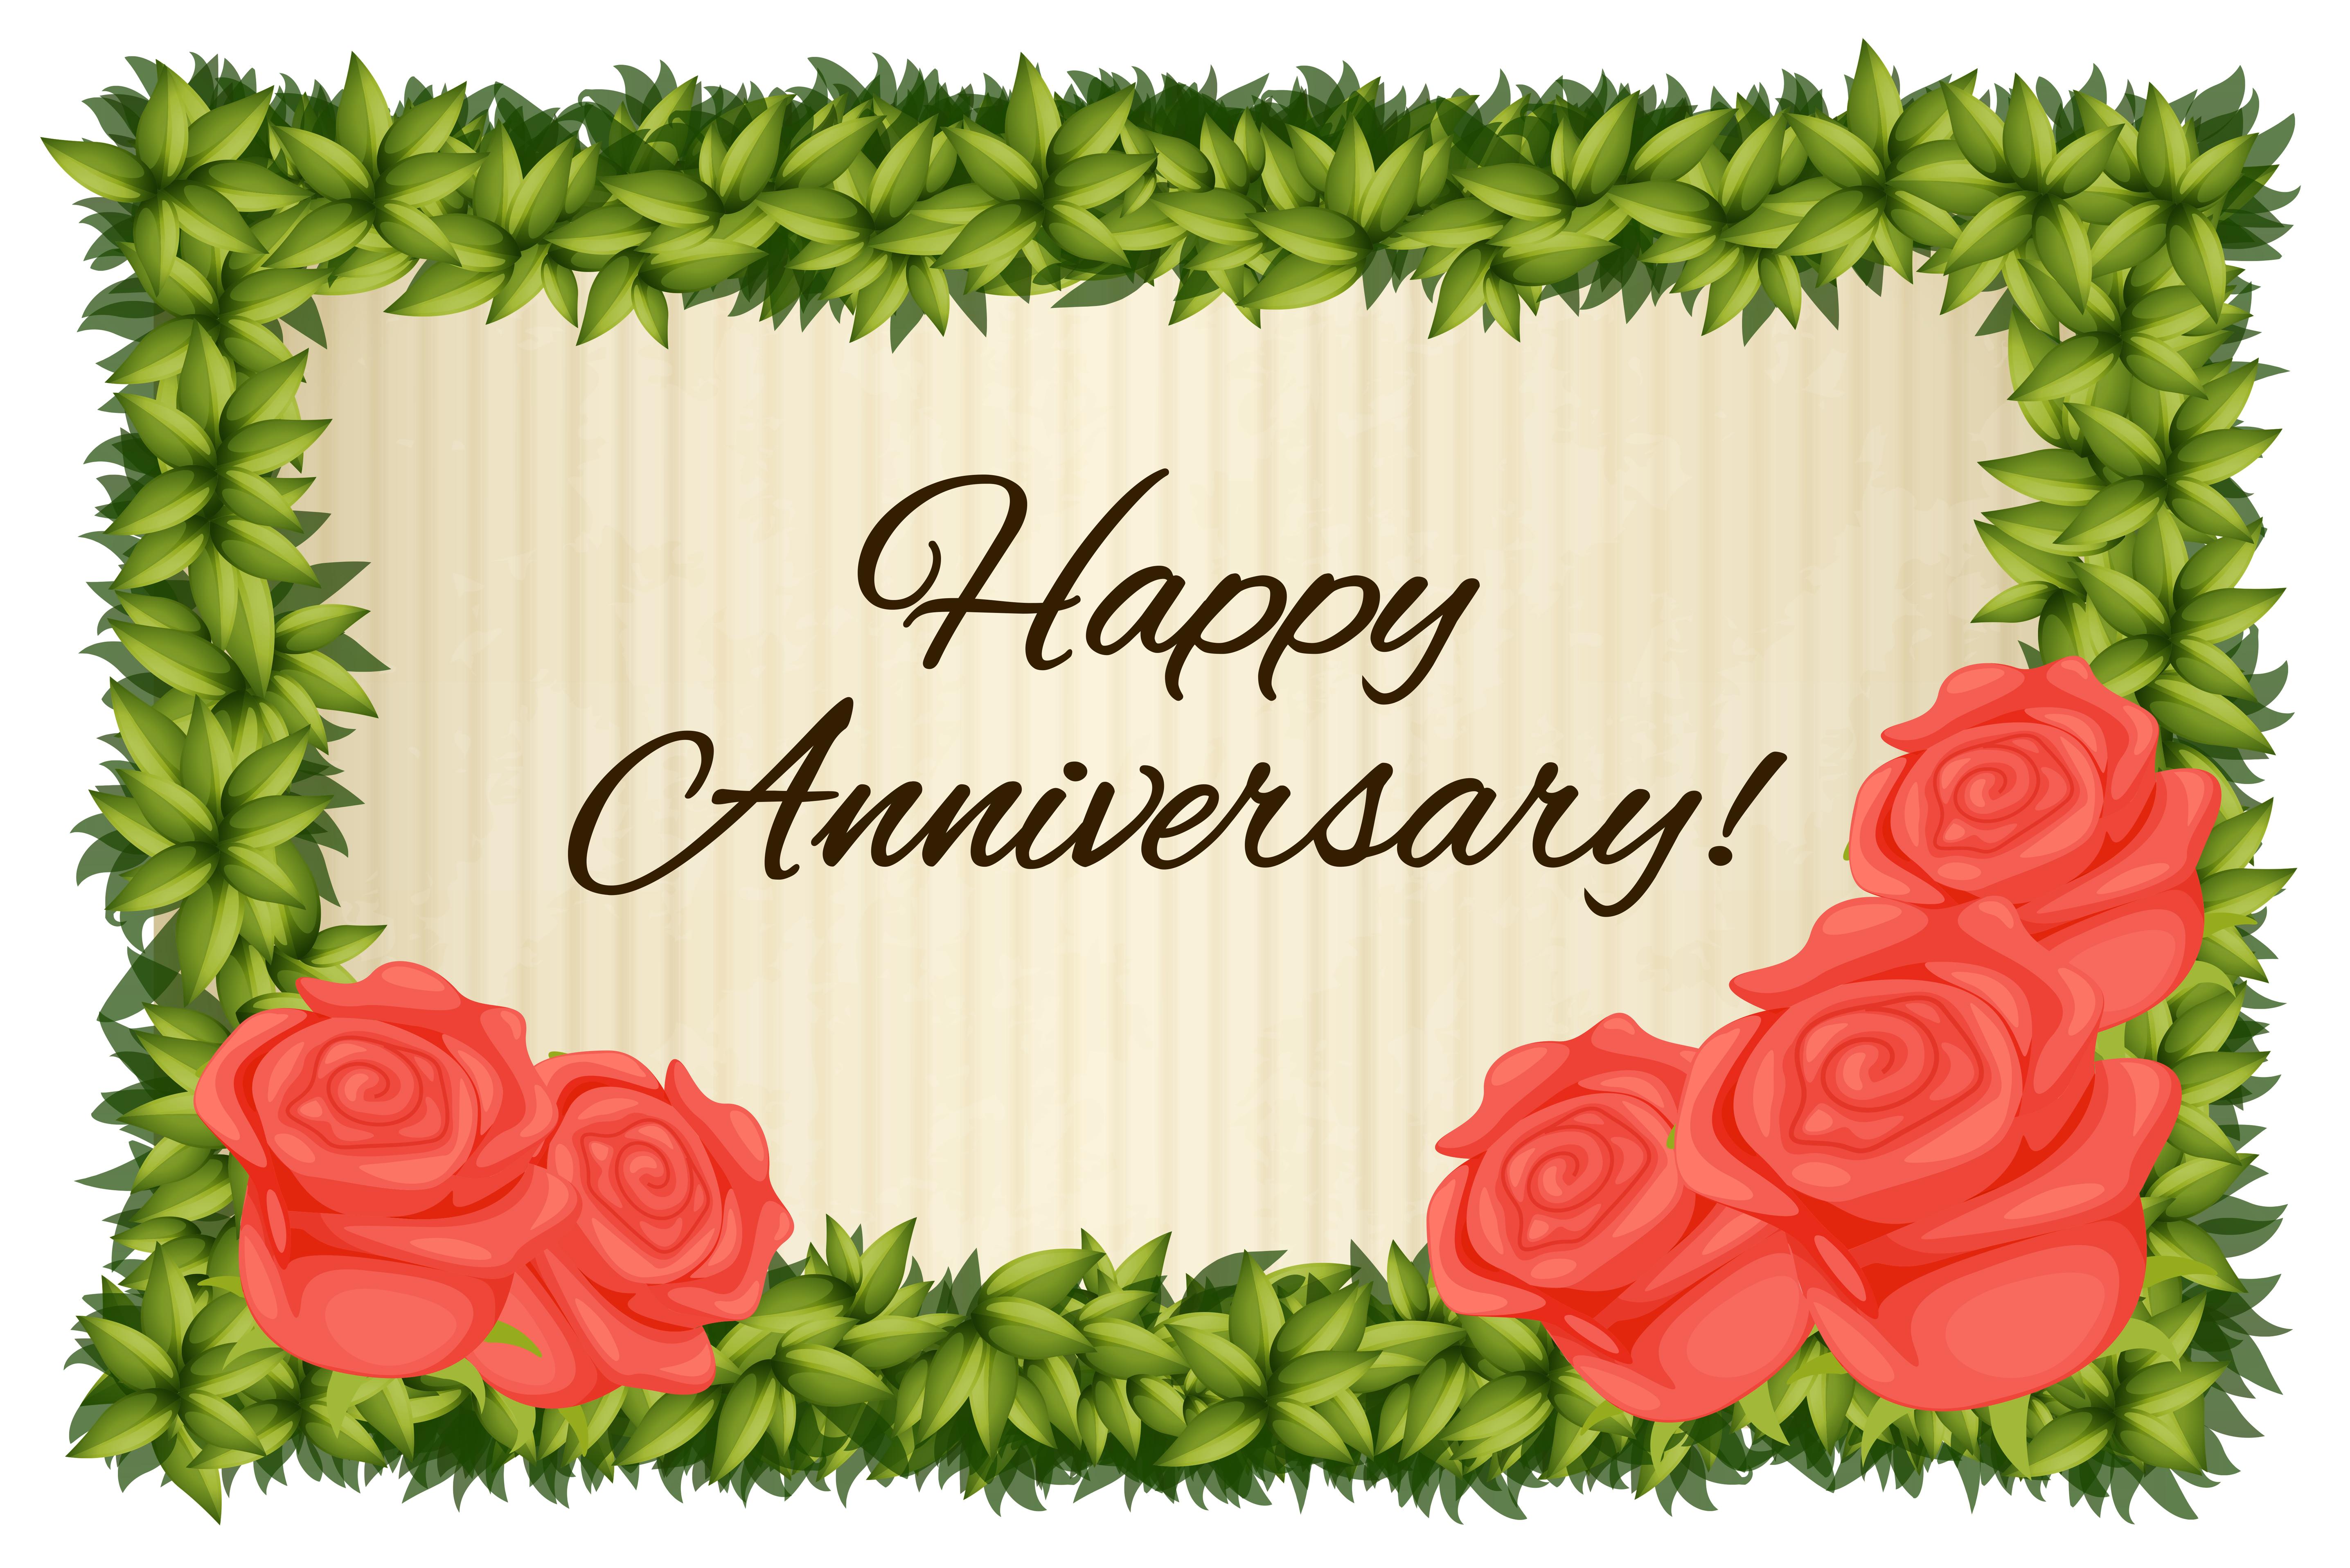 Modele De Carte Joyeux Anniversaire Avec Roses Rouges Telecharger Vectoriel Gratuit Clipart Graphique Vecteur Dessins Et Pictogramme Gratuit